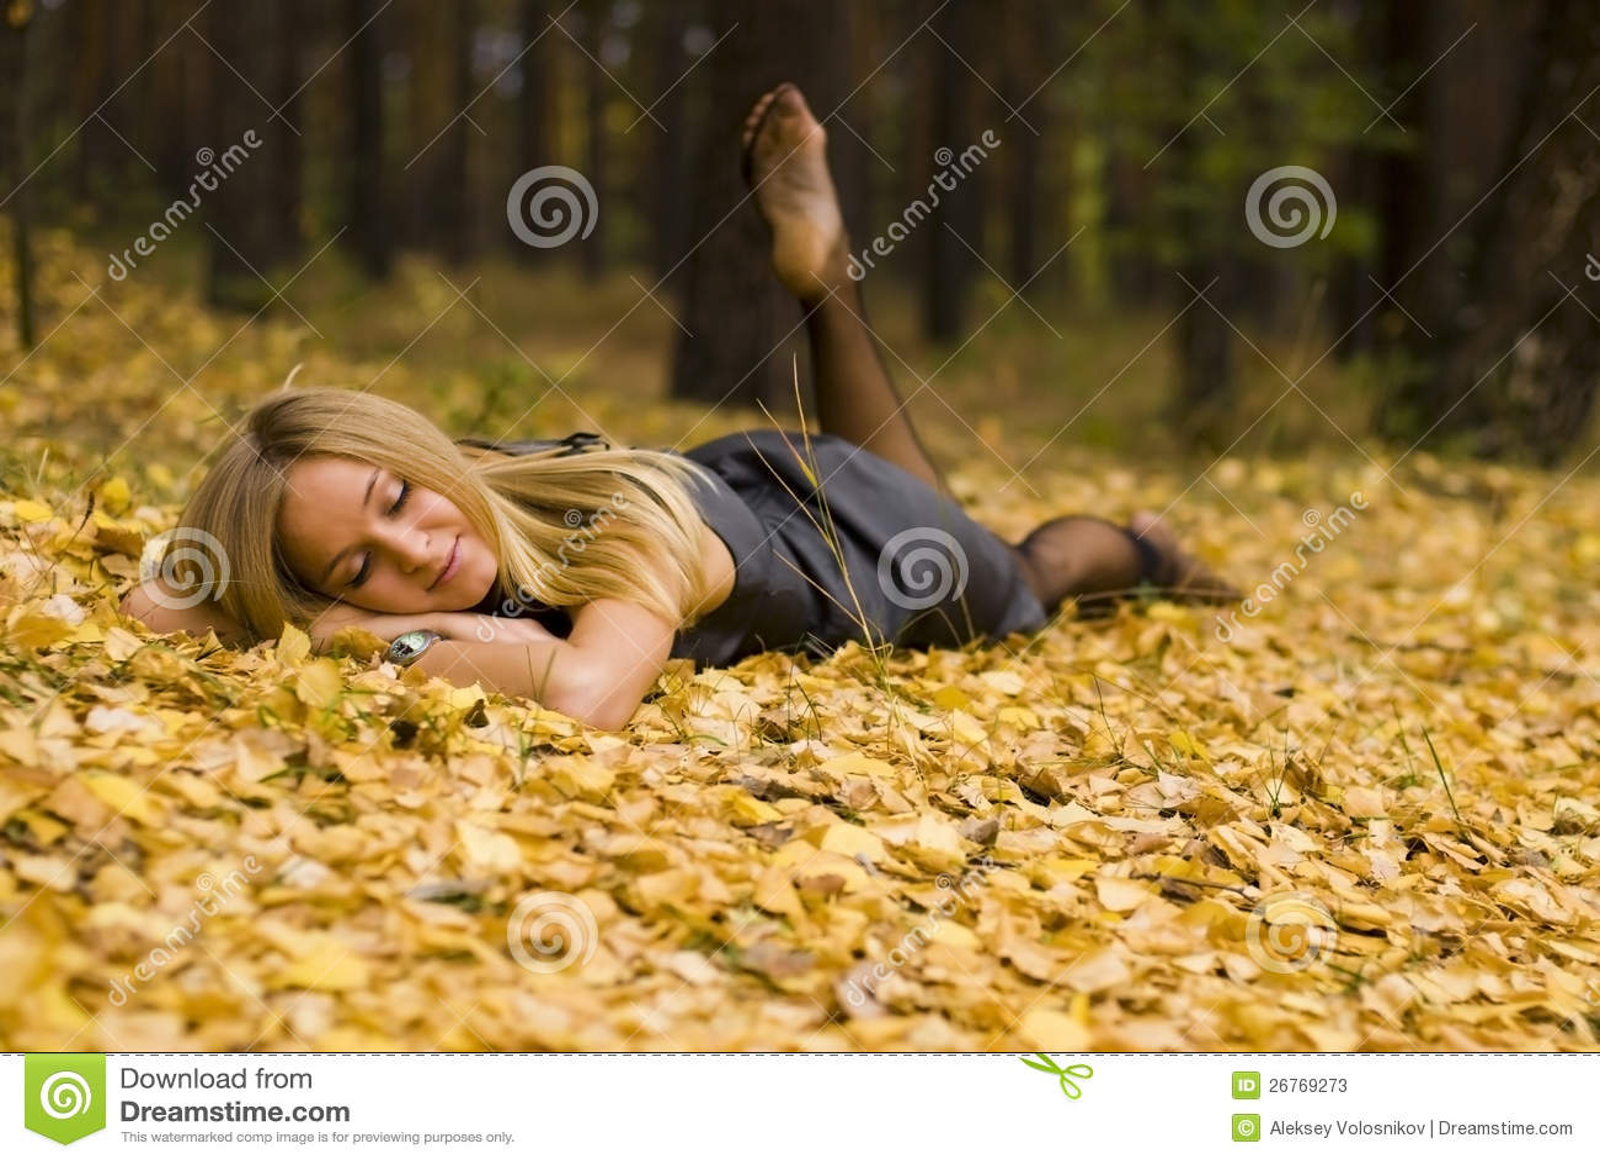 Kvinnlig på leaves